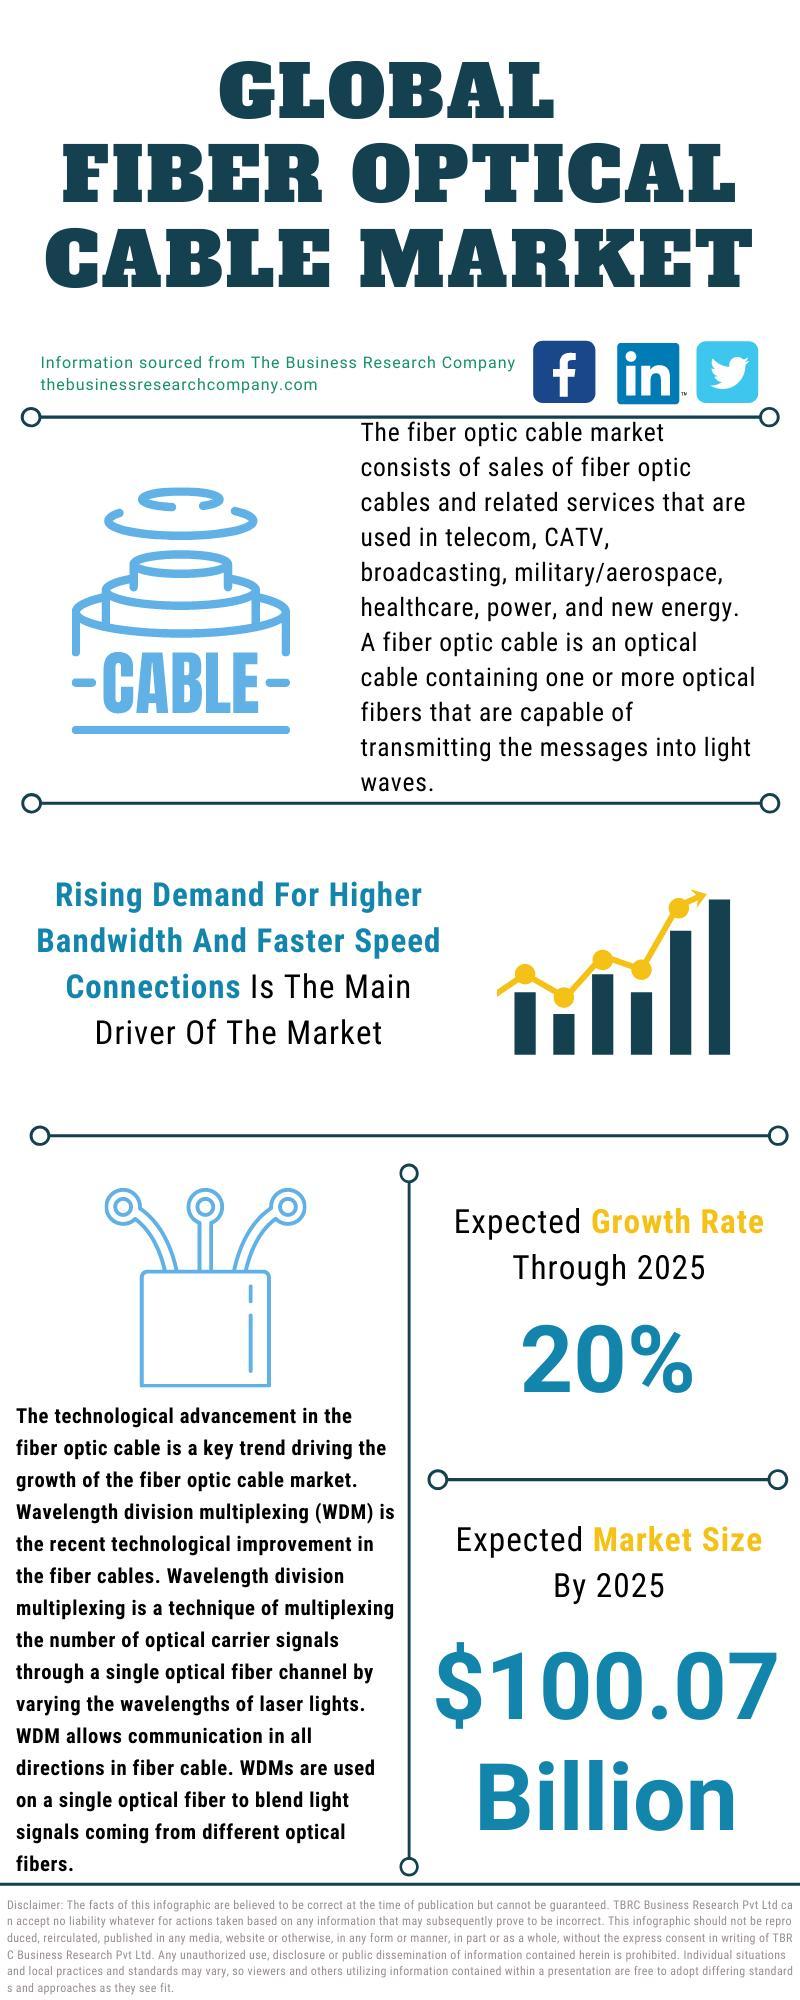 Fiber Optic Cable Market